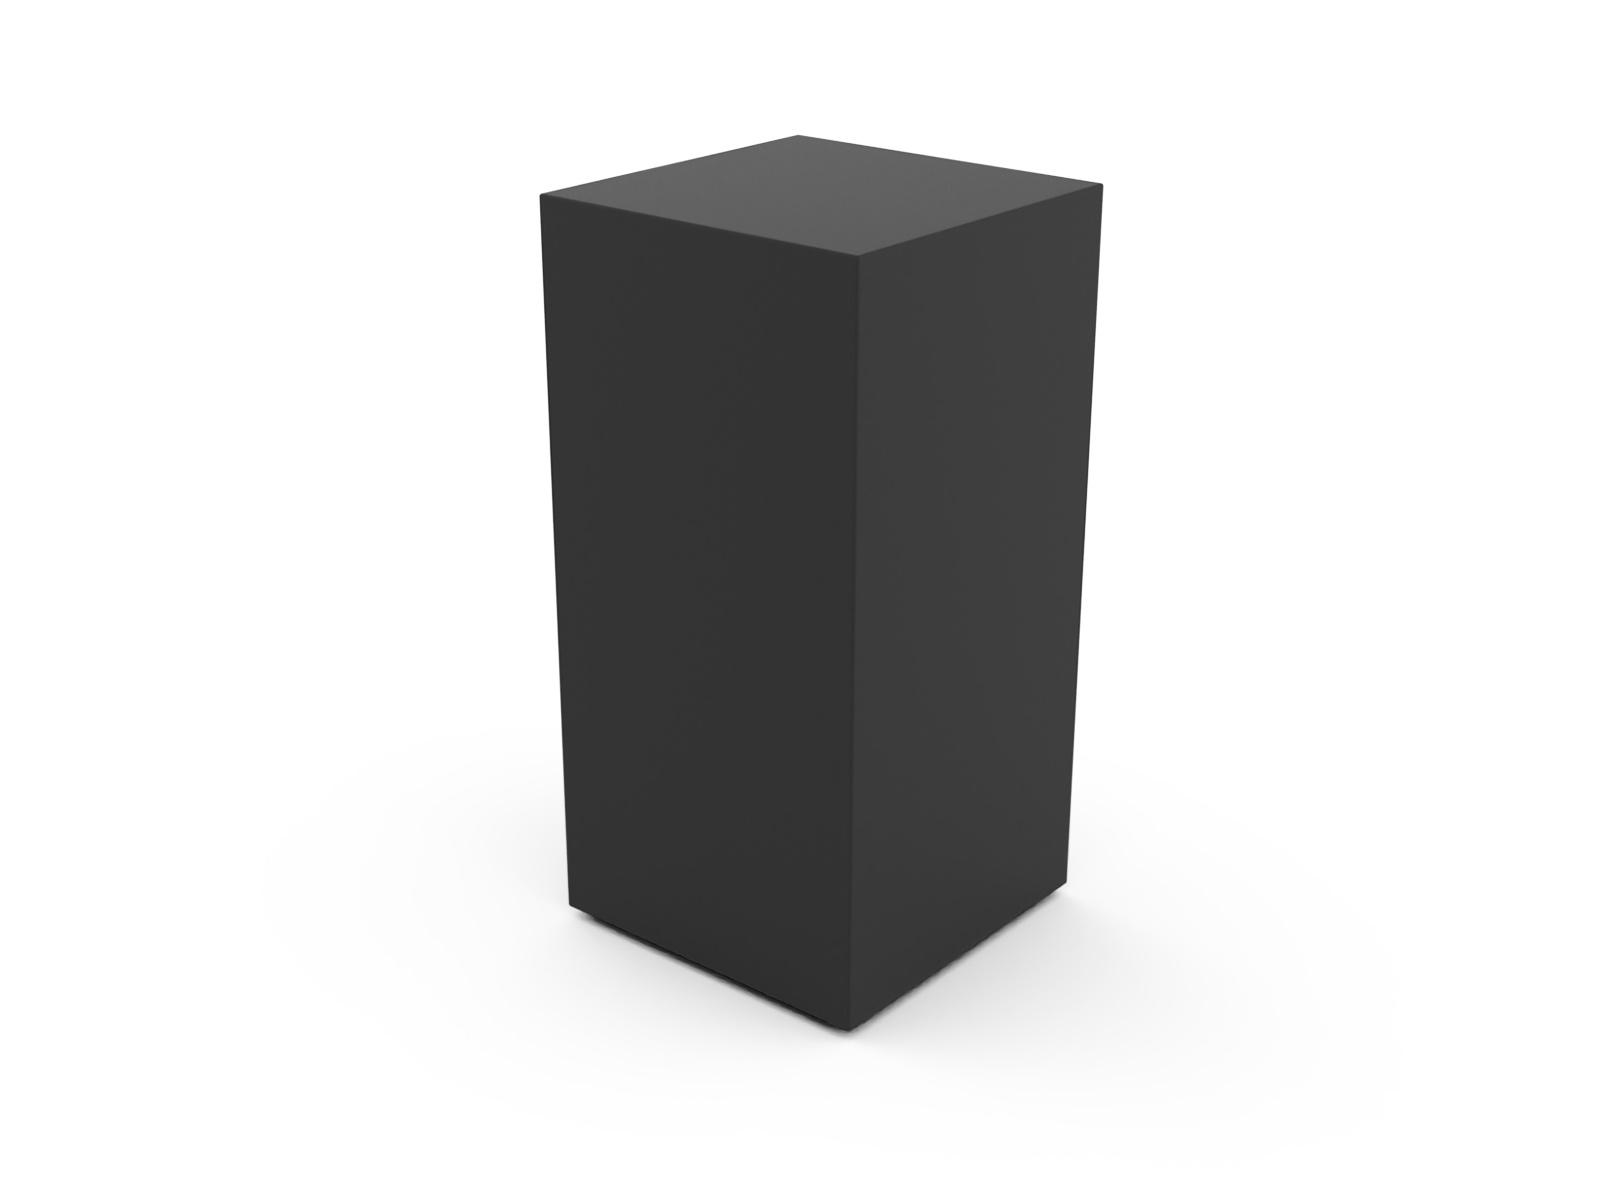 RVS urn paris groot zwart - RVS